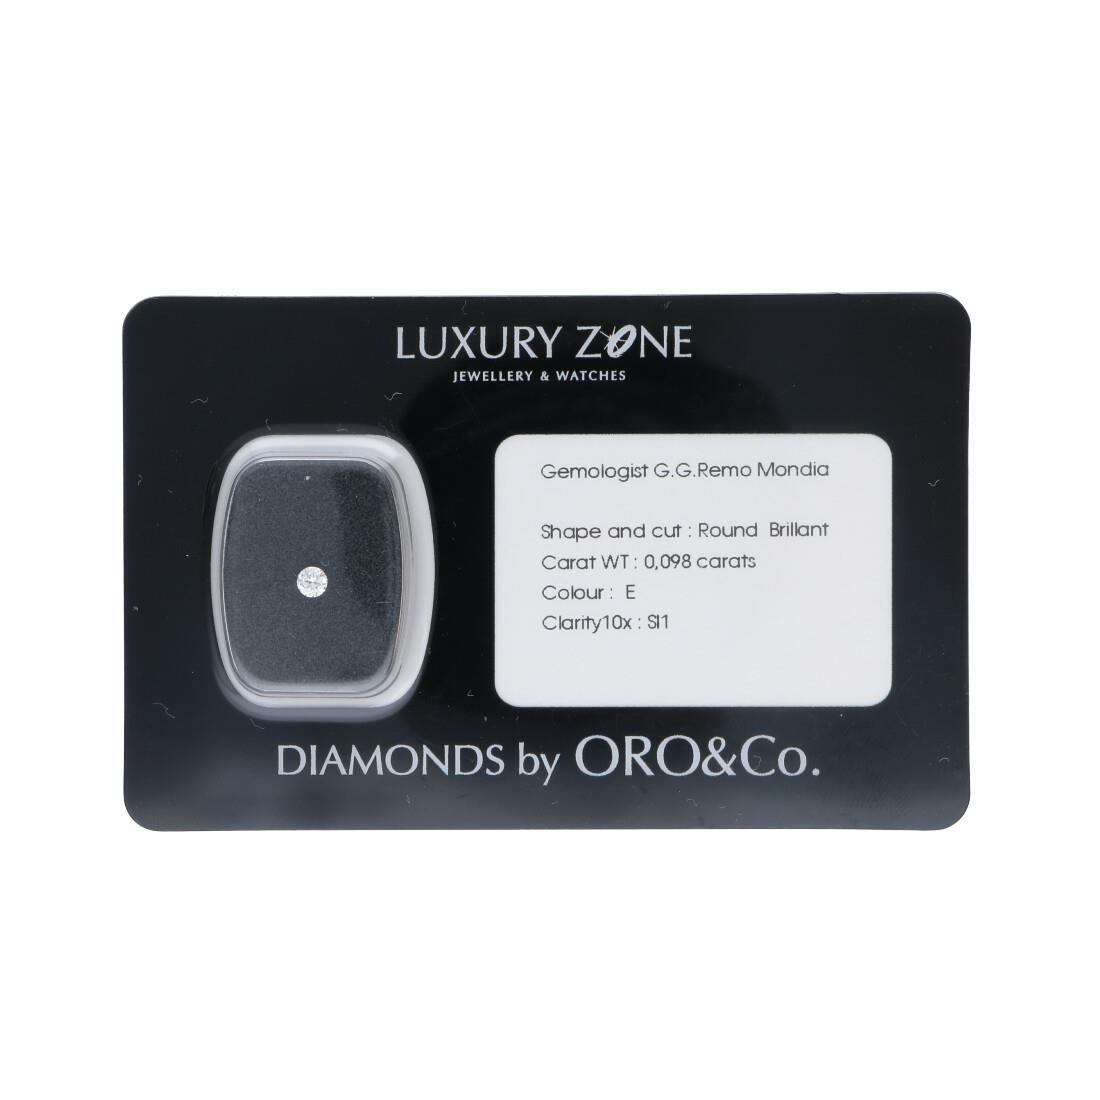 Diamante blisterato 0.098 ct - LUXURY ZONE